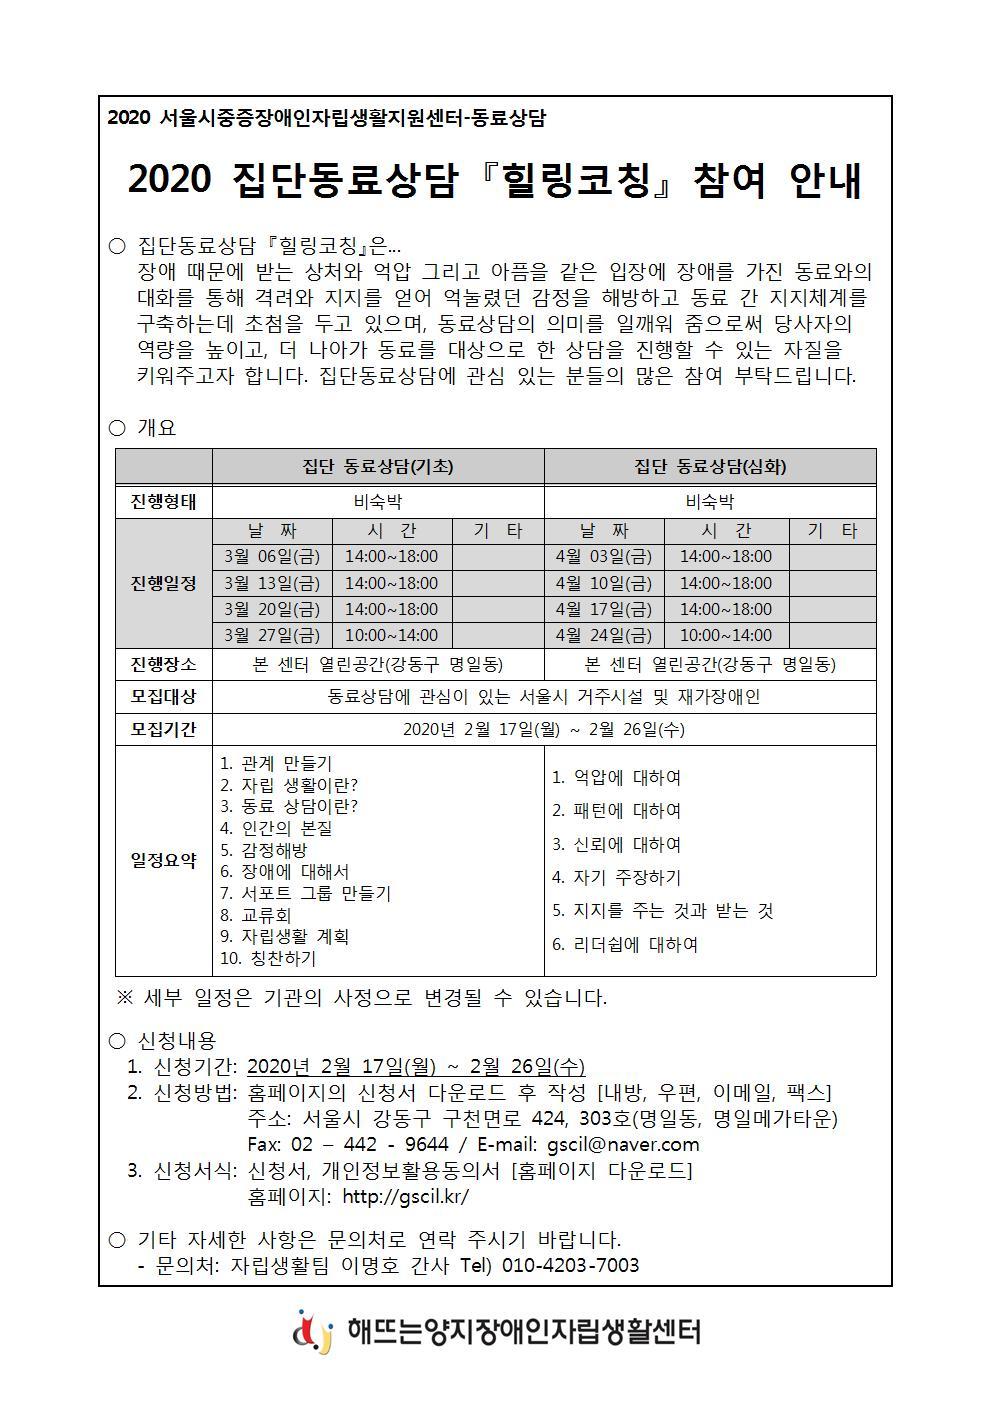 2020년 집단동료상담 힐링코칭 안내문-01001.jpg